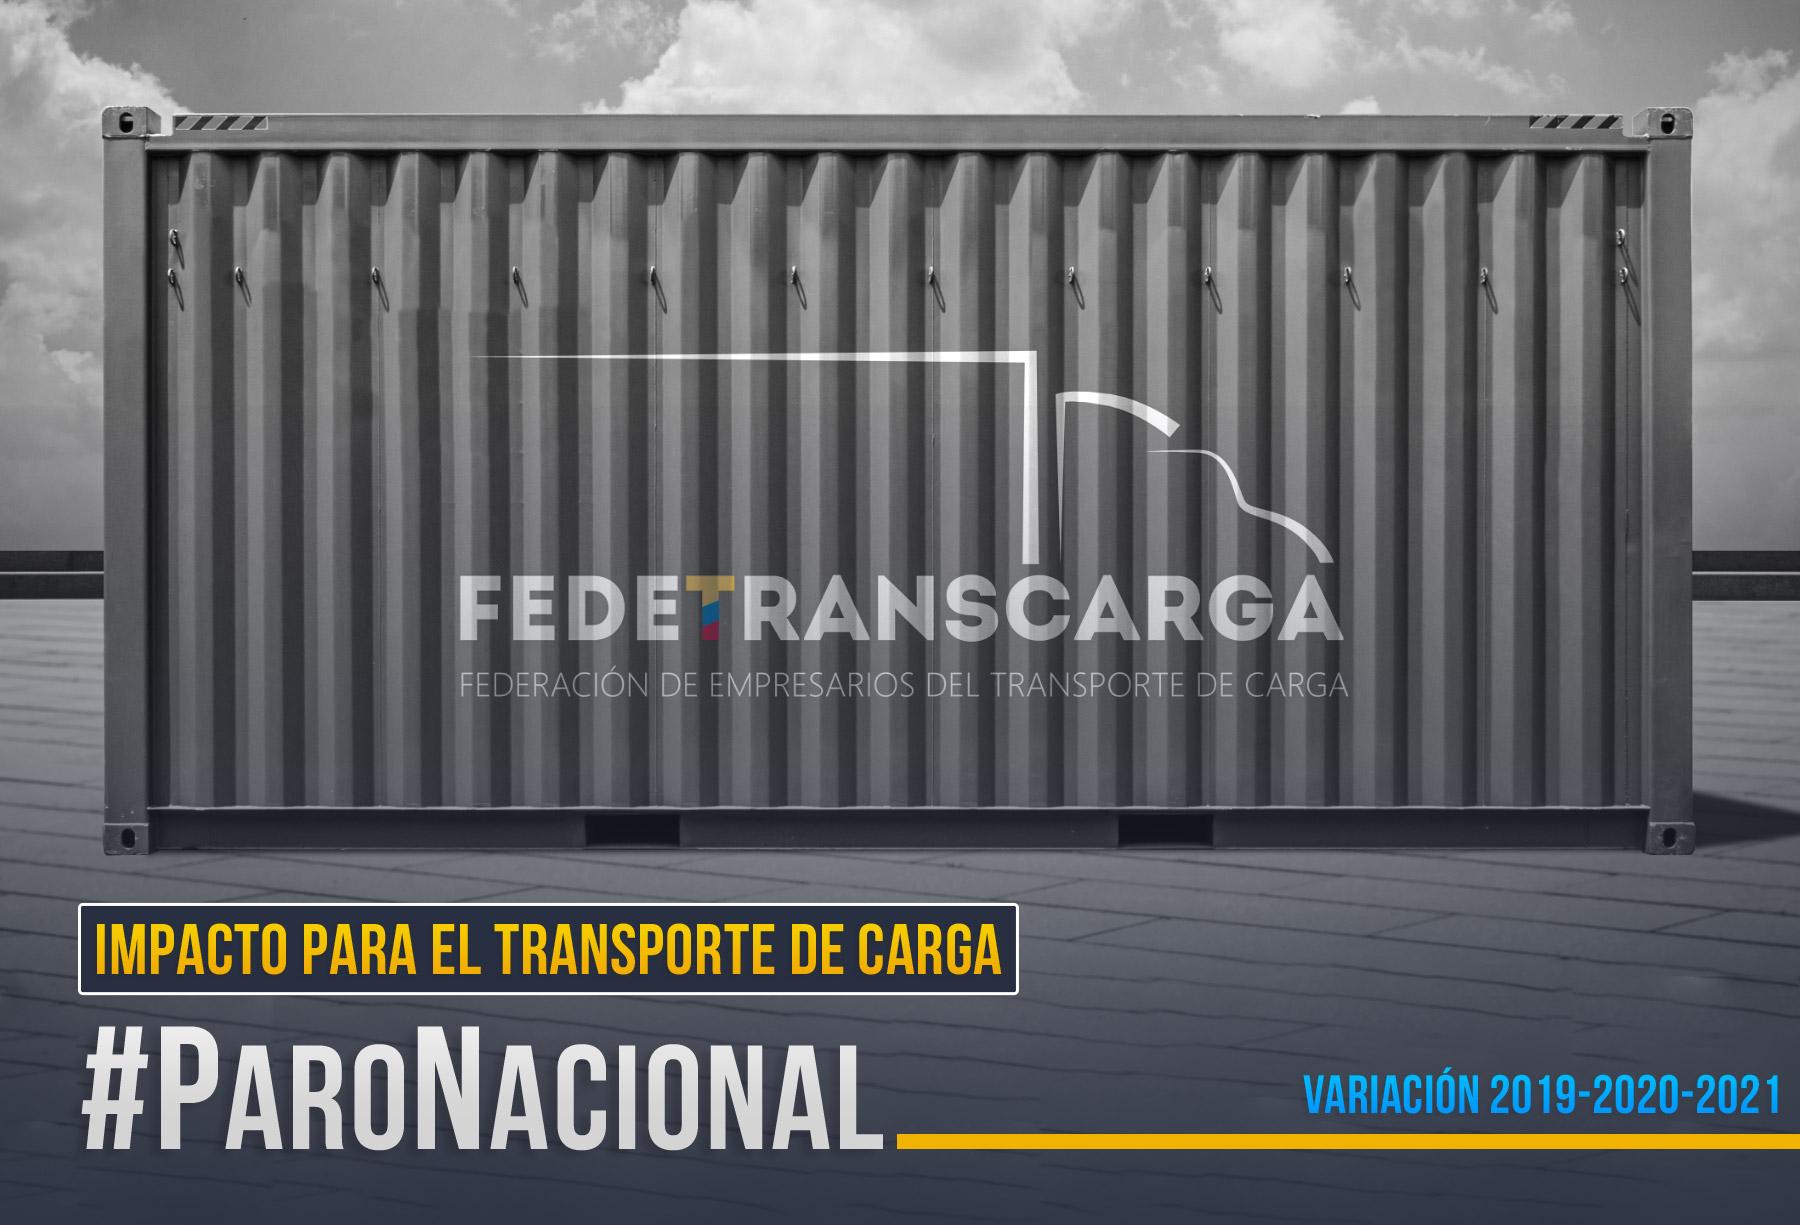 Impacto en cifras del paro nacional para el transporte de carga